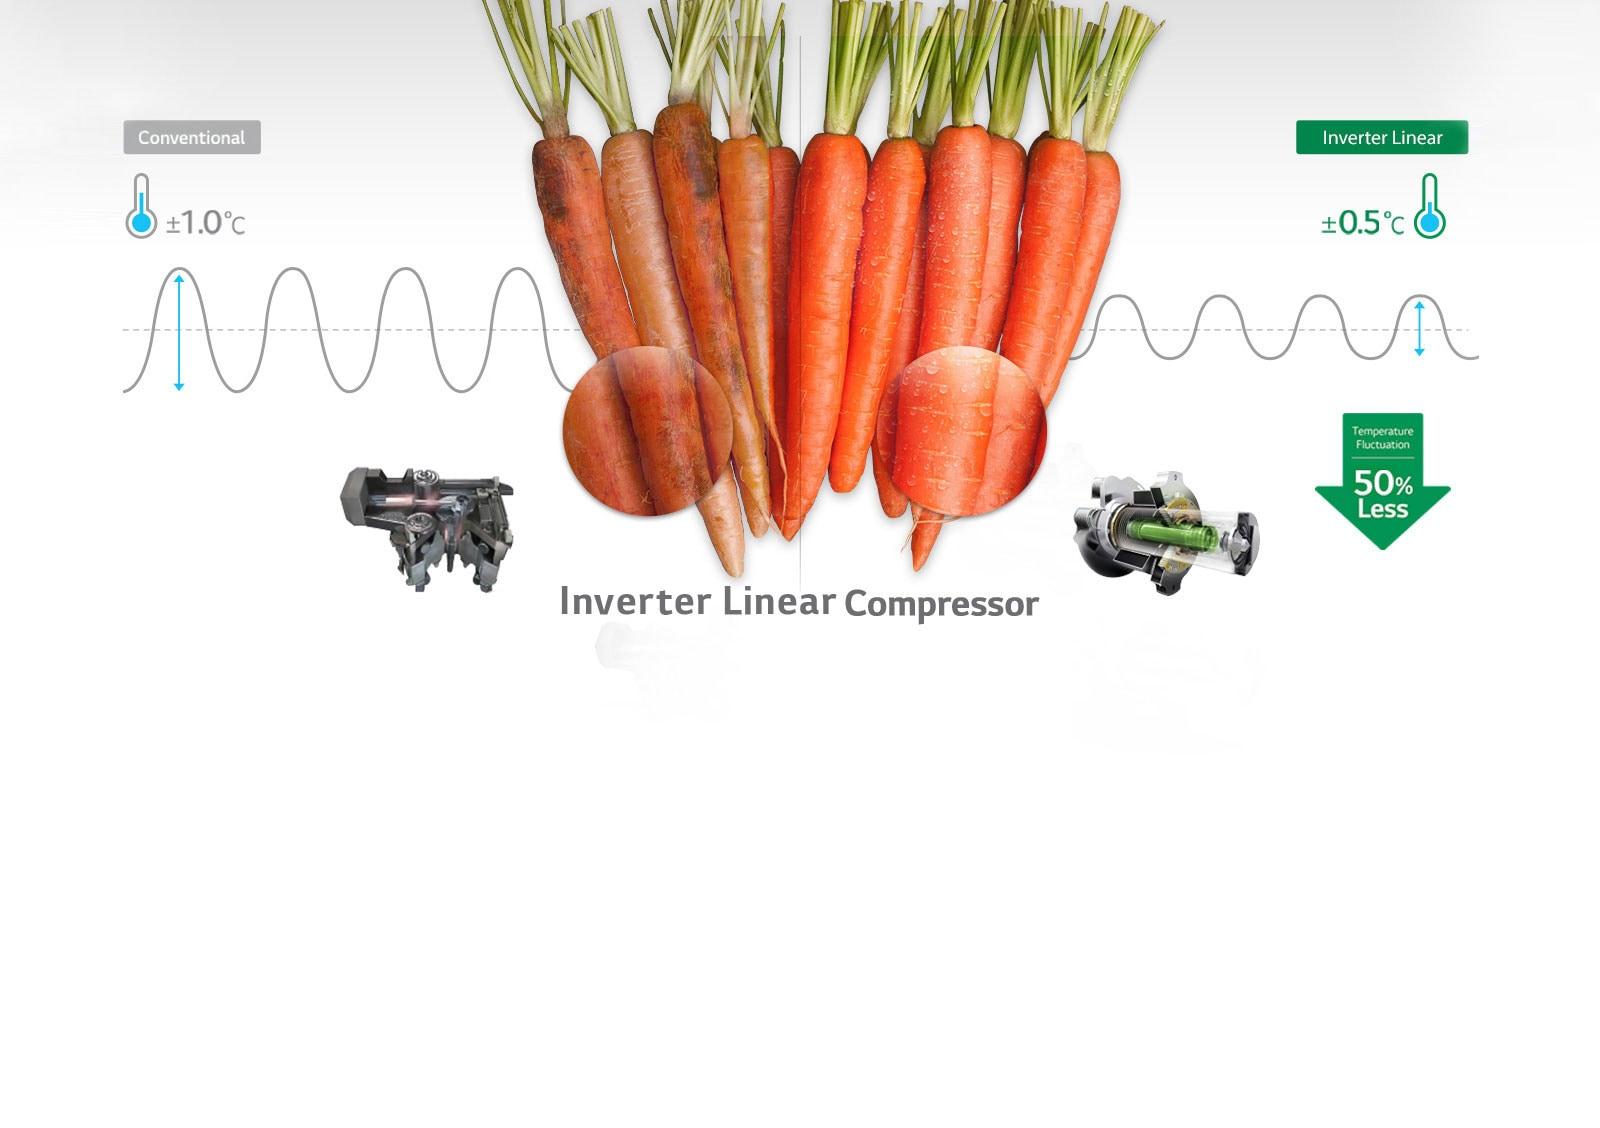 LG GL-T322RPZ3 308 Ltr Inverter Linear Compressor